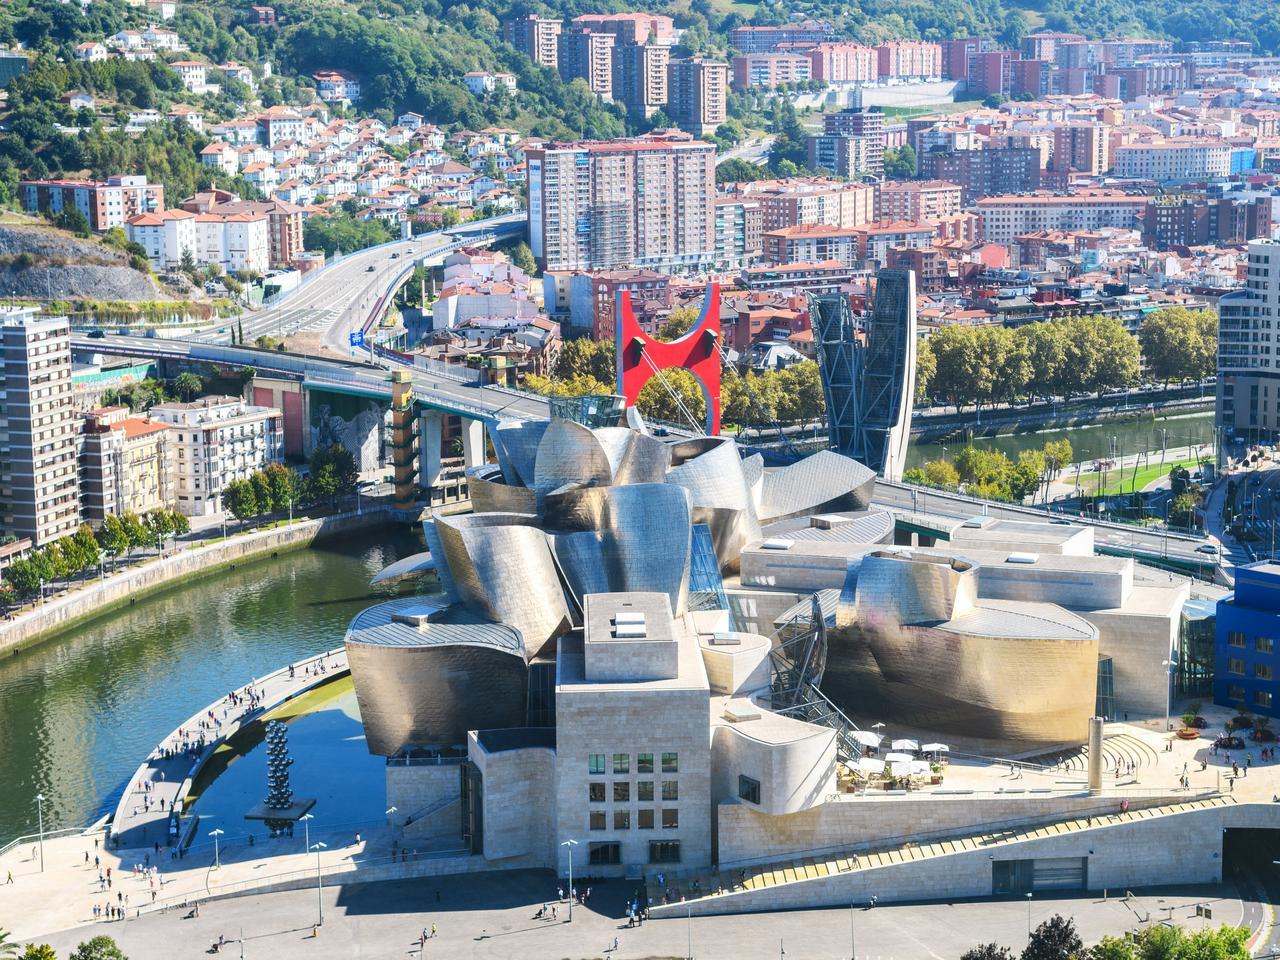 Bilbao Guggenheim Museum view